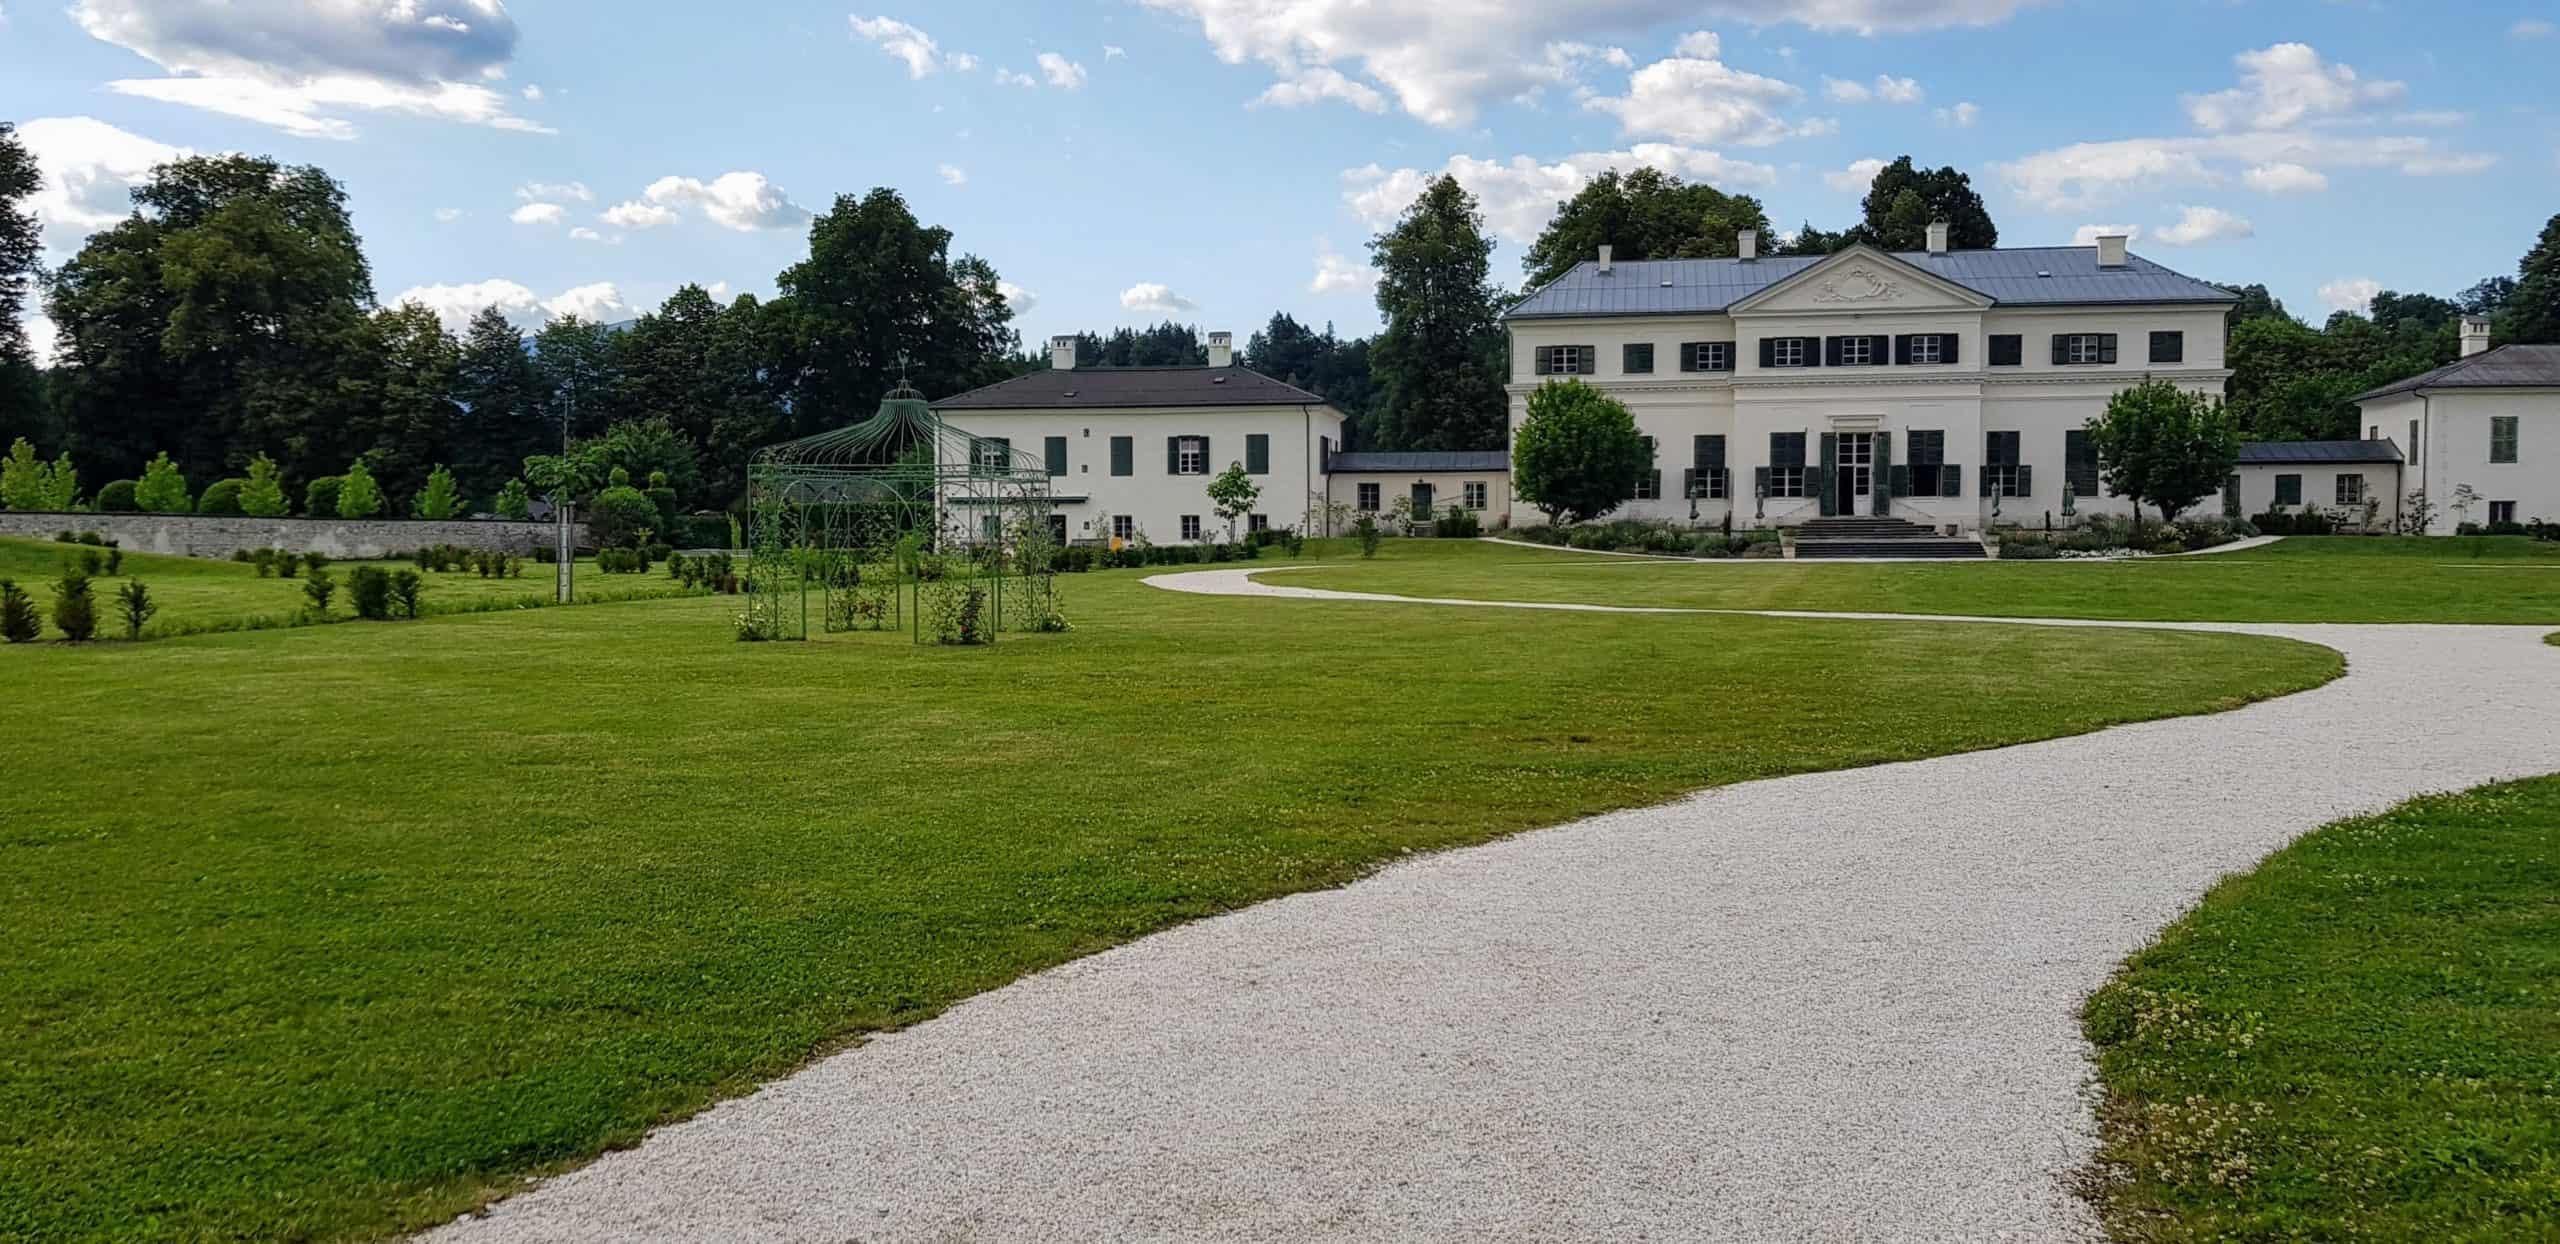 Frühling im Schloss Rosegg - Ausflugsort & Reiseziel in Österreich, Kärnten